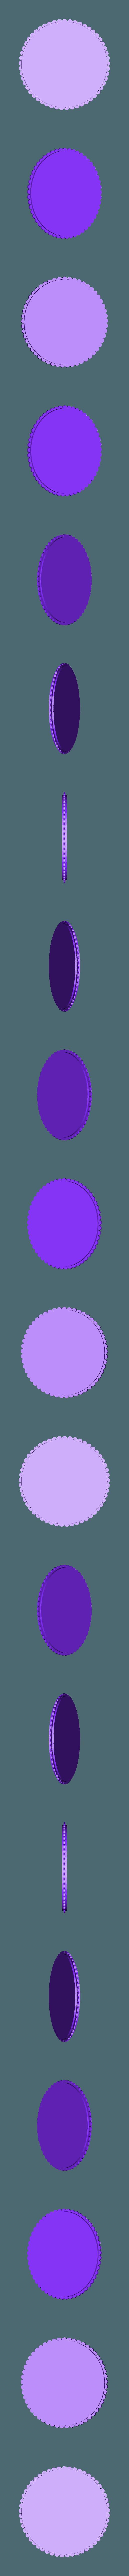 UNU-TRI -oo-R10 26x31 260320 07.stl Télécharger fichier STL gratuit UNU-TRI Pua Nido (guitare à plectre) • Plan pour impression 3D, carleslluisar